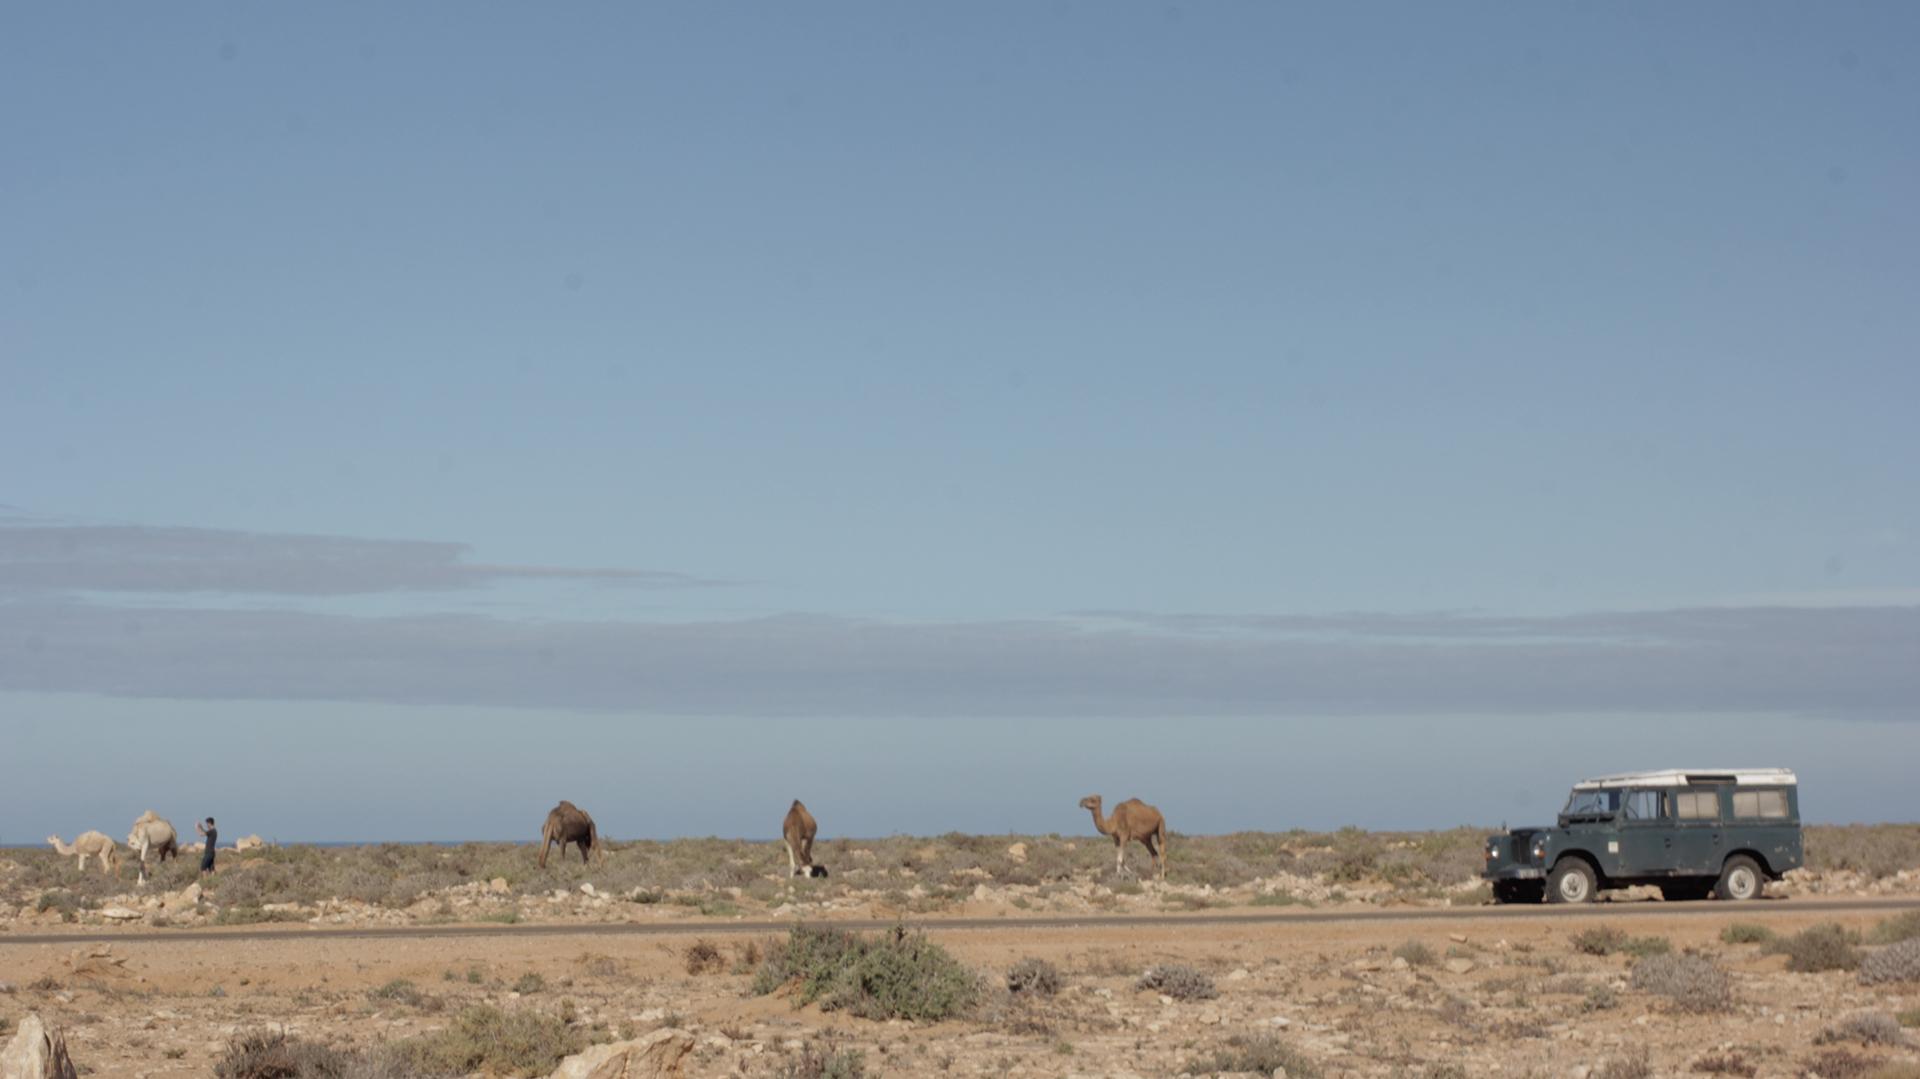 paisaje land rover marruecos pablocaminante - Marruecos 2/3, Sáhara Occidental